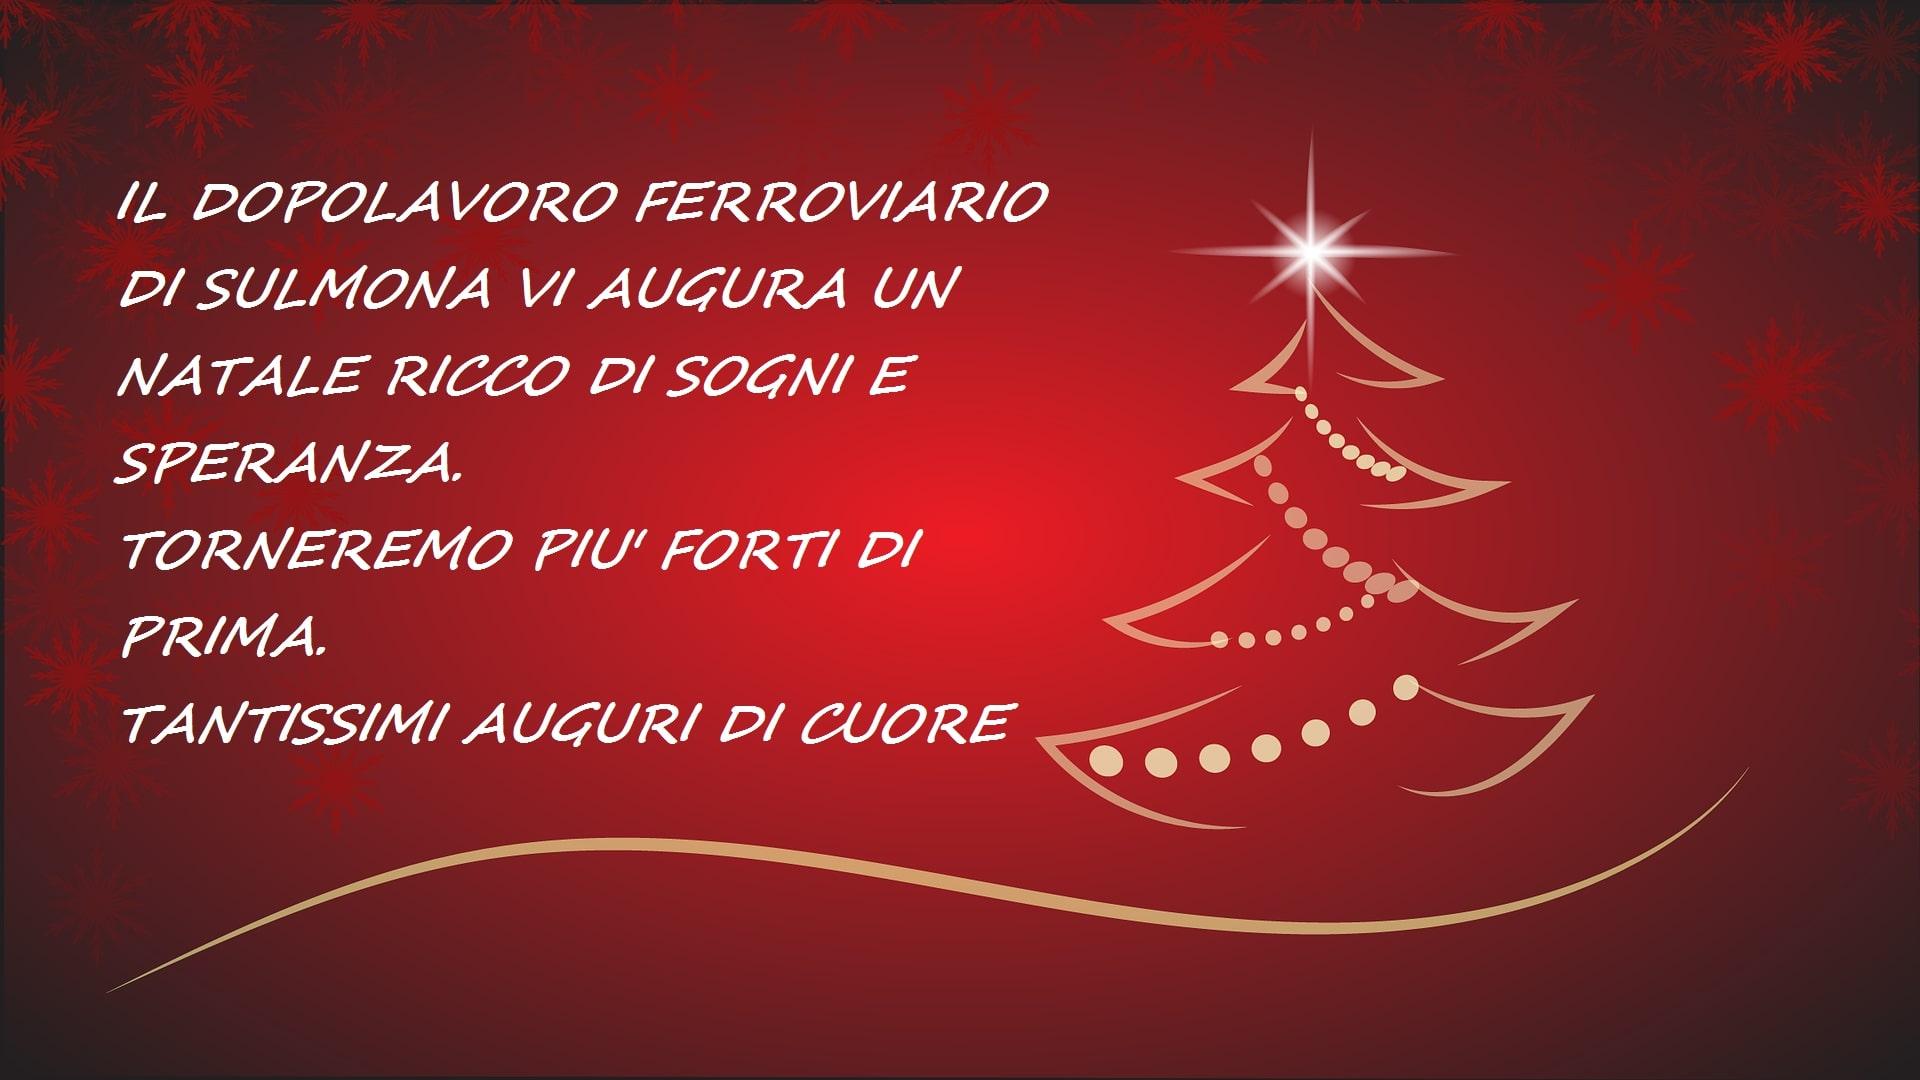 Tanti Auguri di Natale!!!